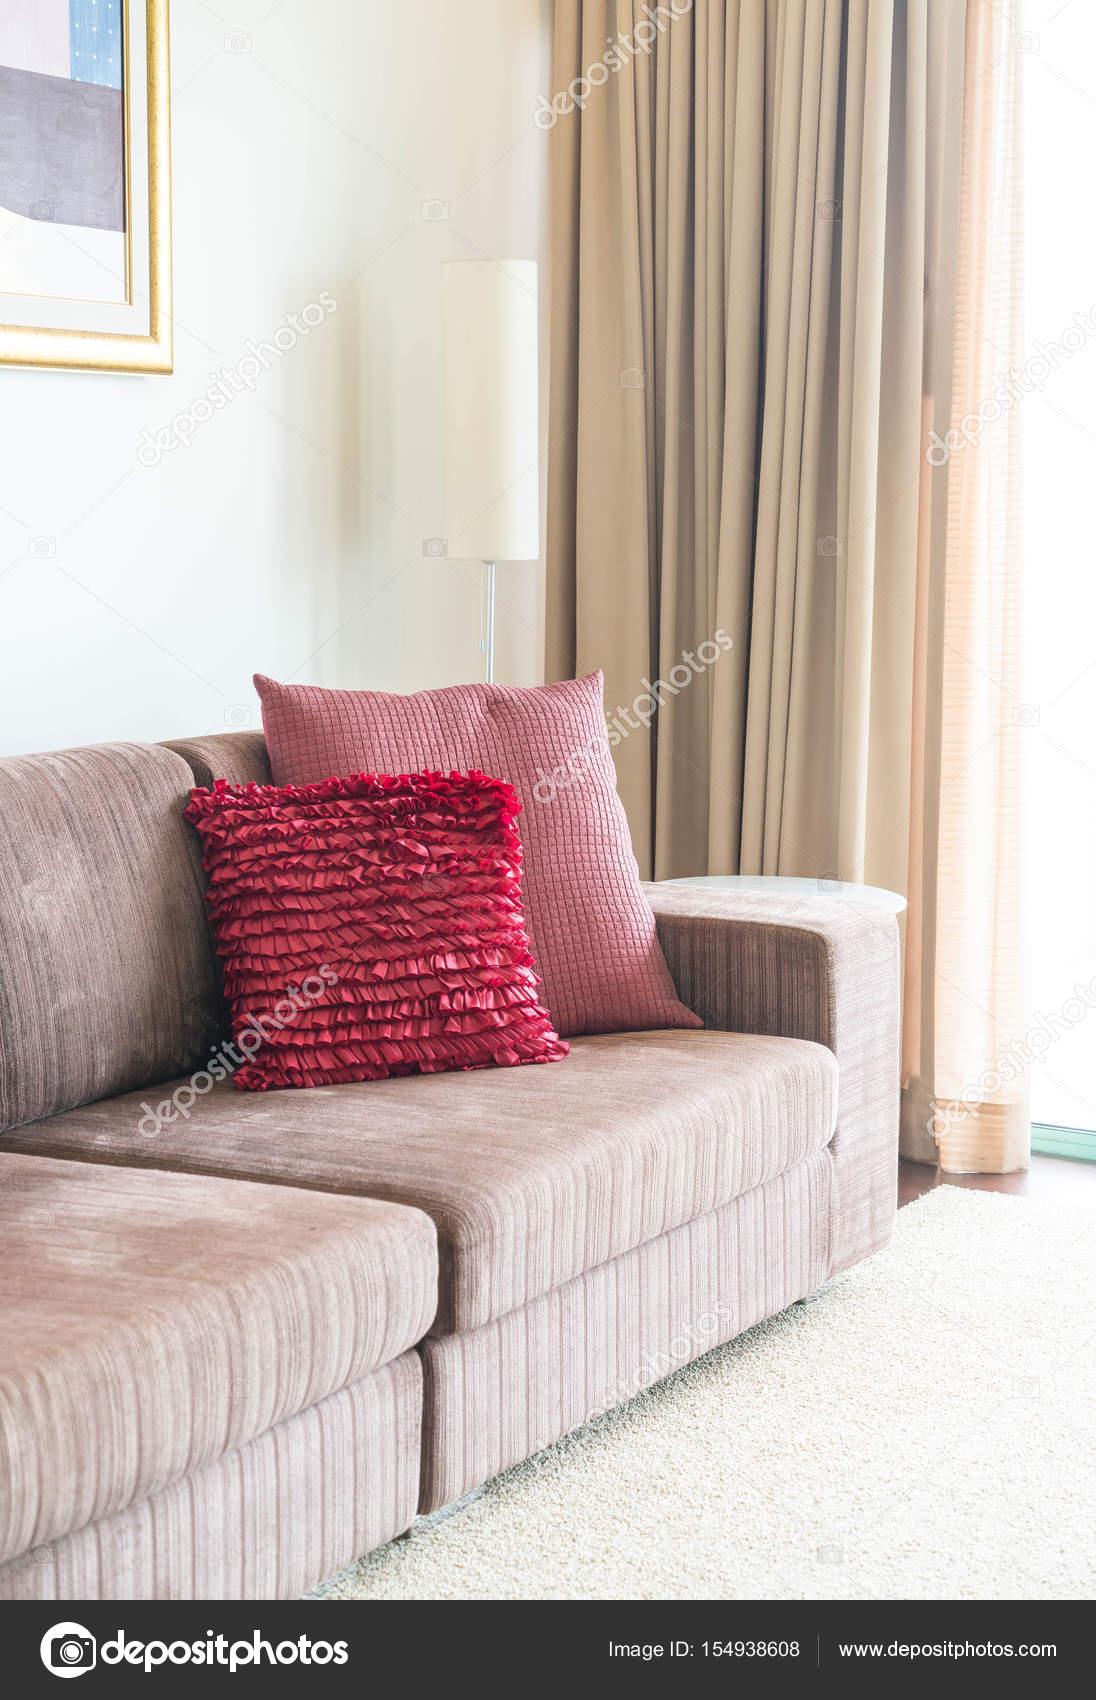 Schone Kissen Auf Sofa Dekoration Im Wohnzimmer Stockfoto C Topntp